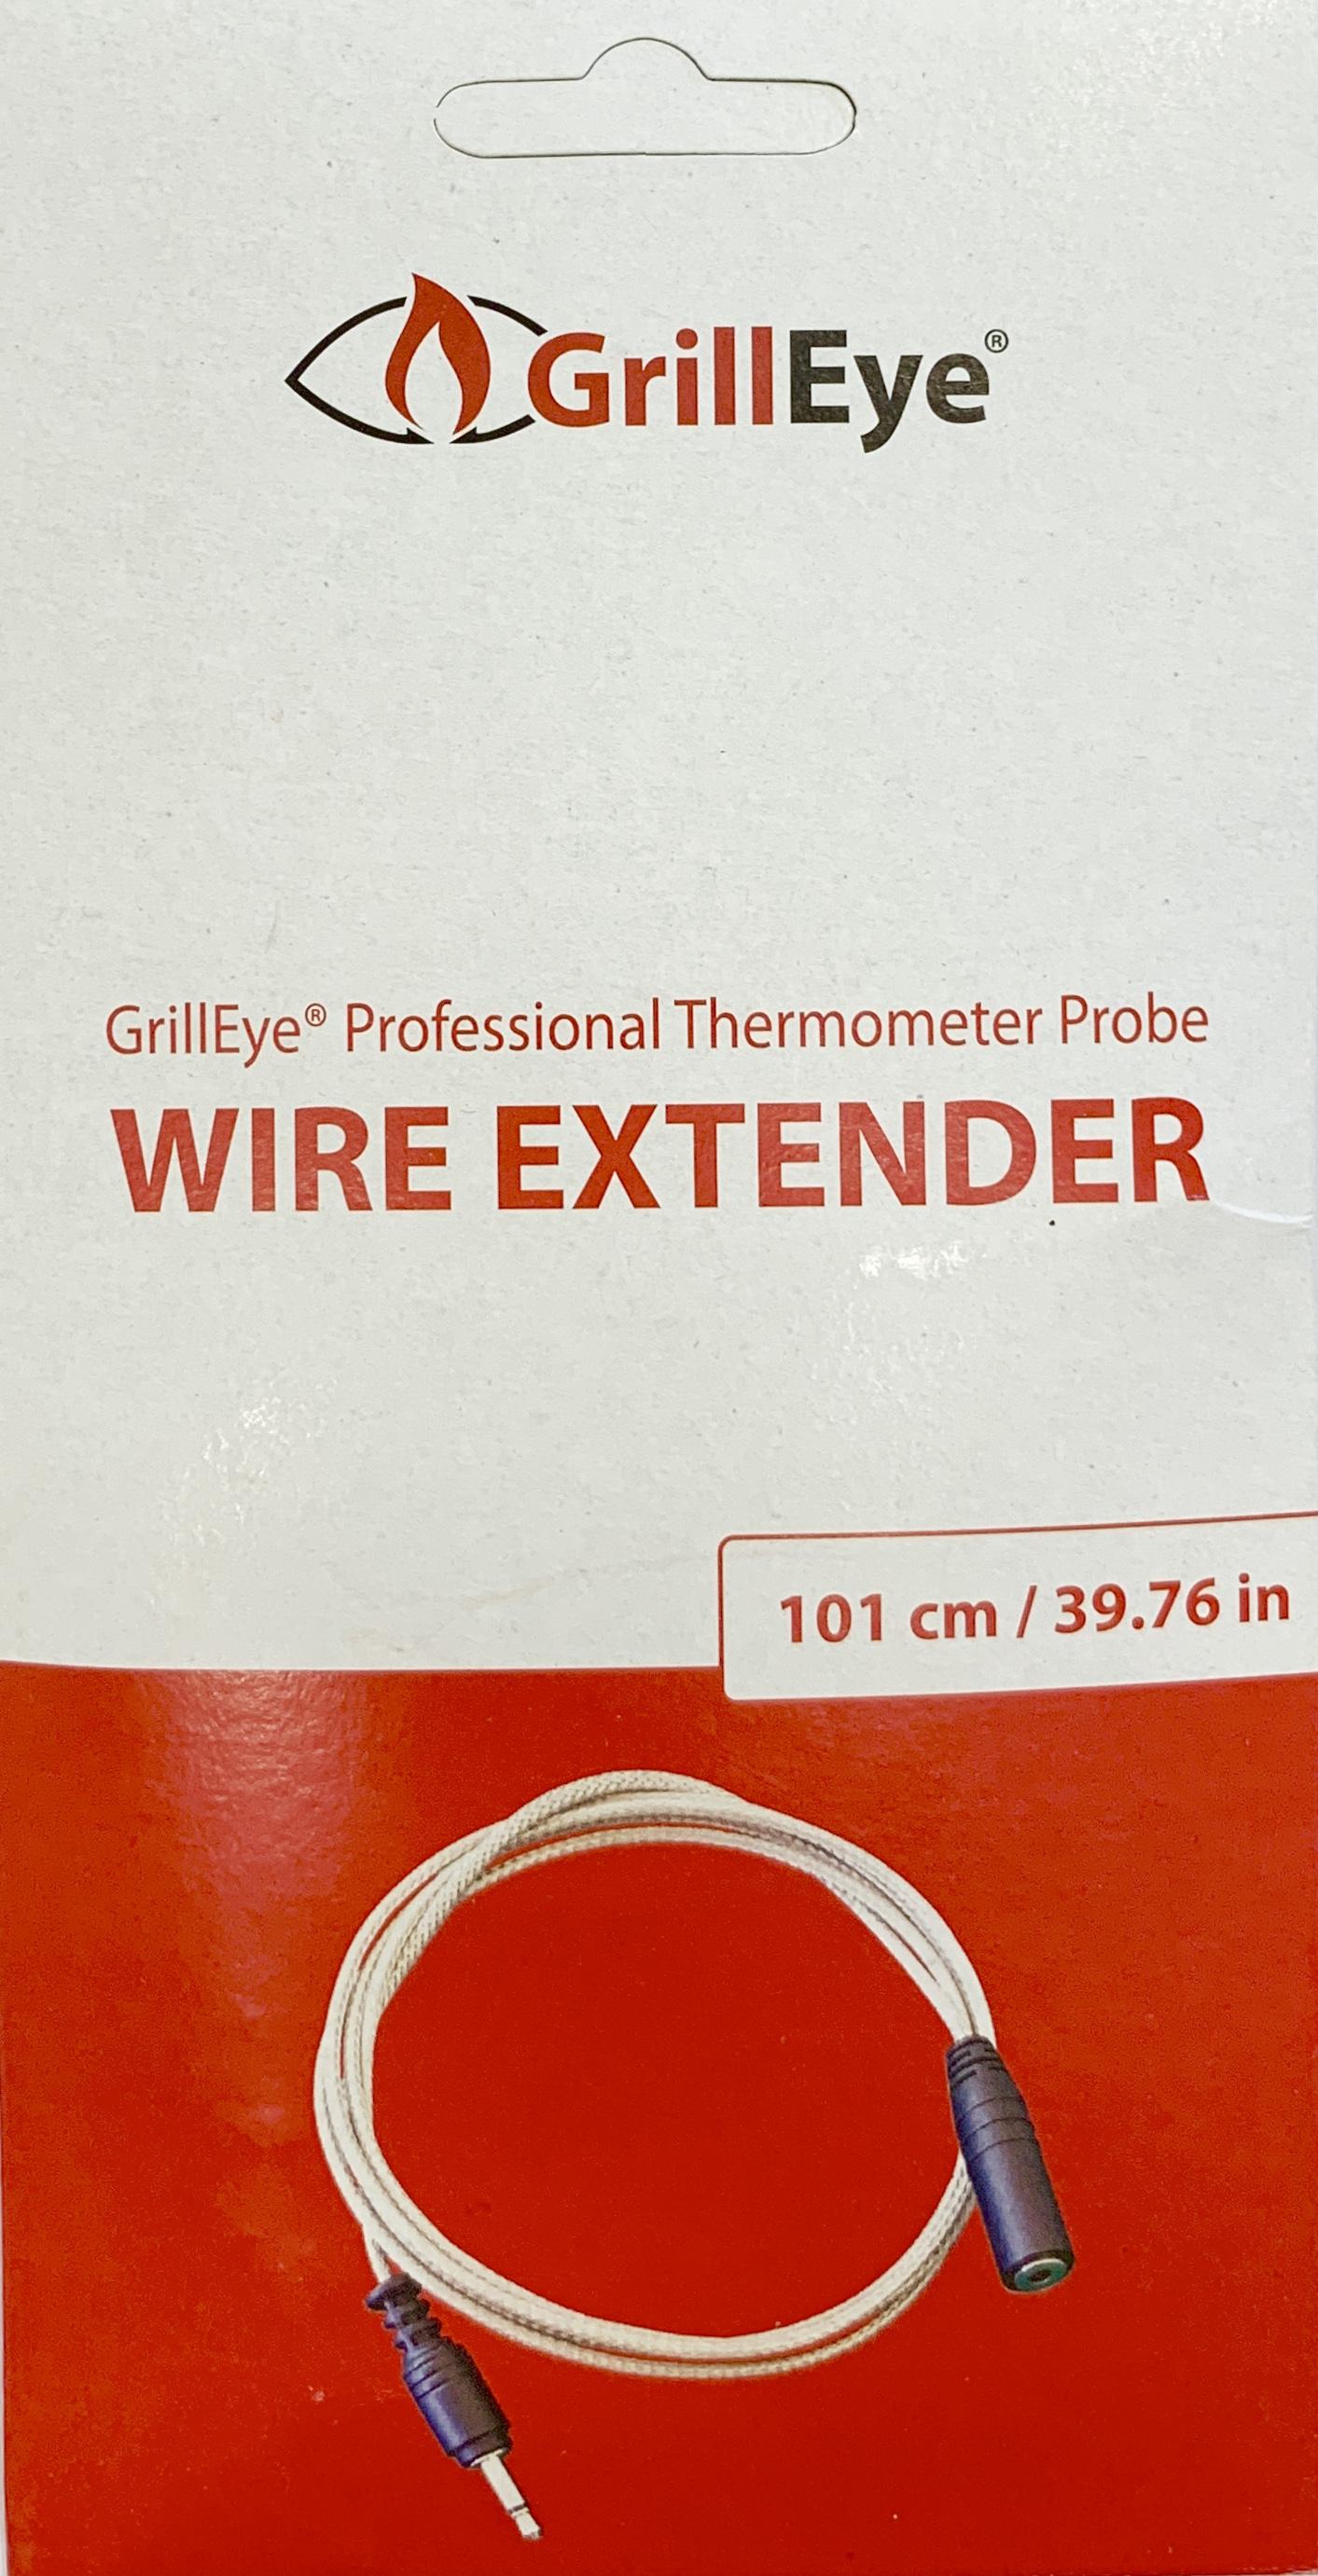 GrillEye Wire Extender